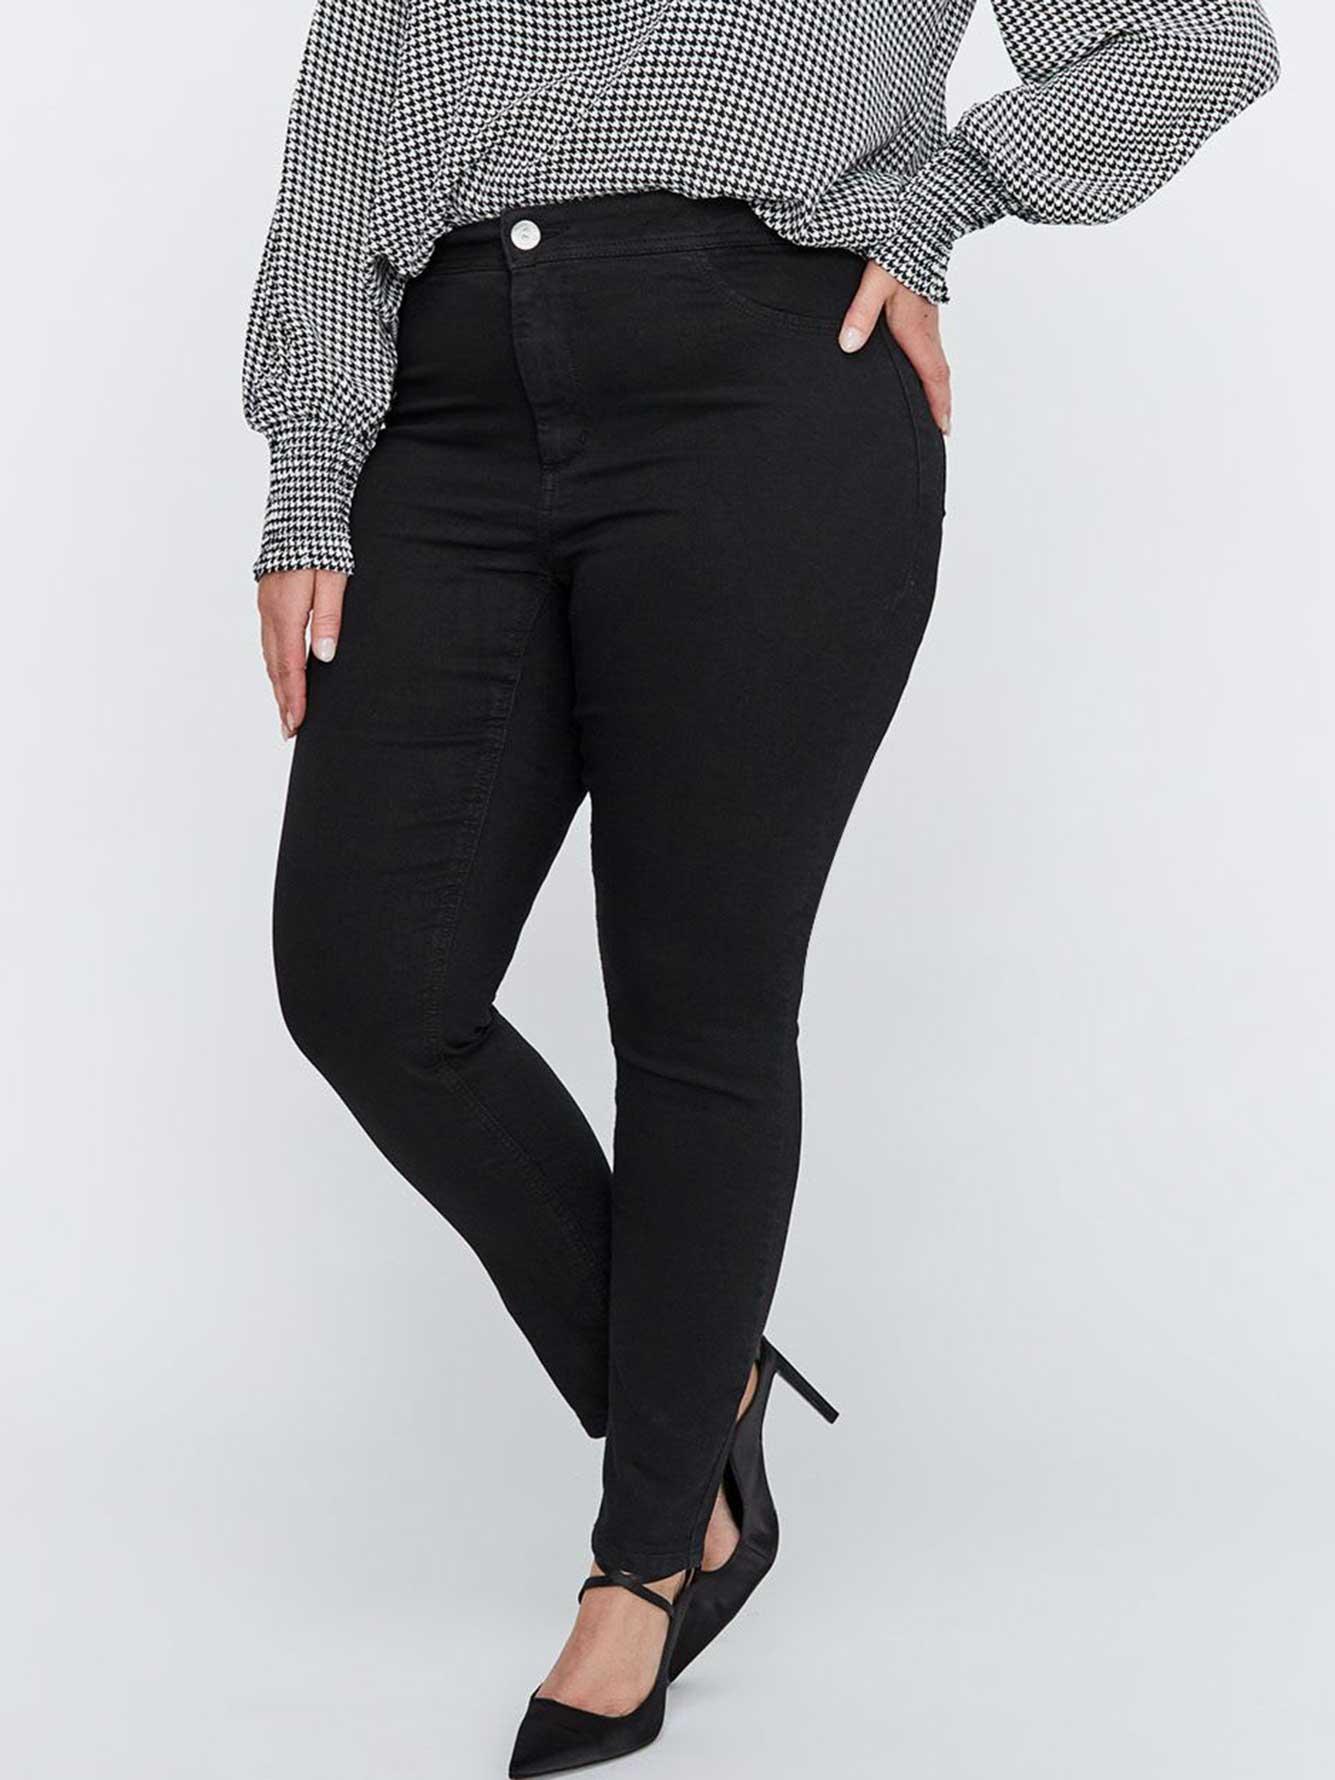 Skinny Jean - L&L